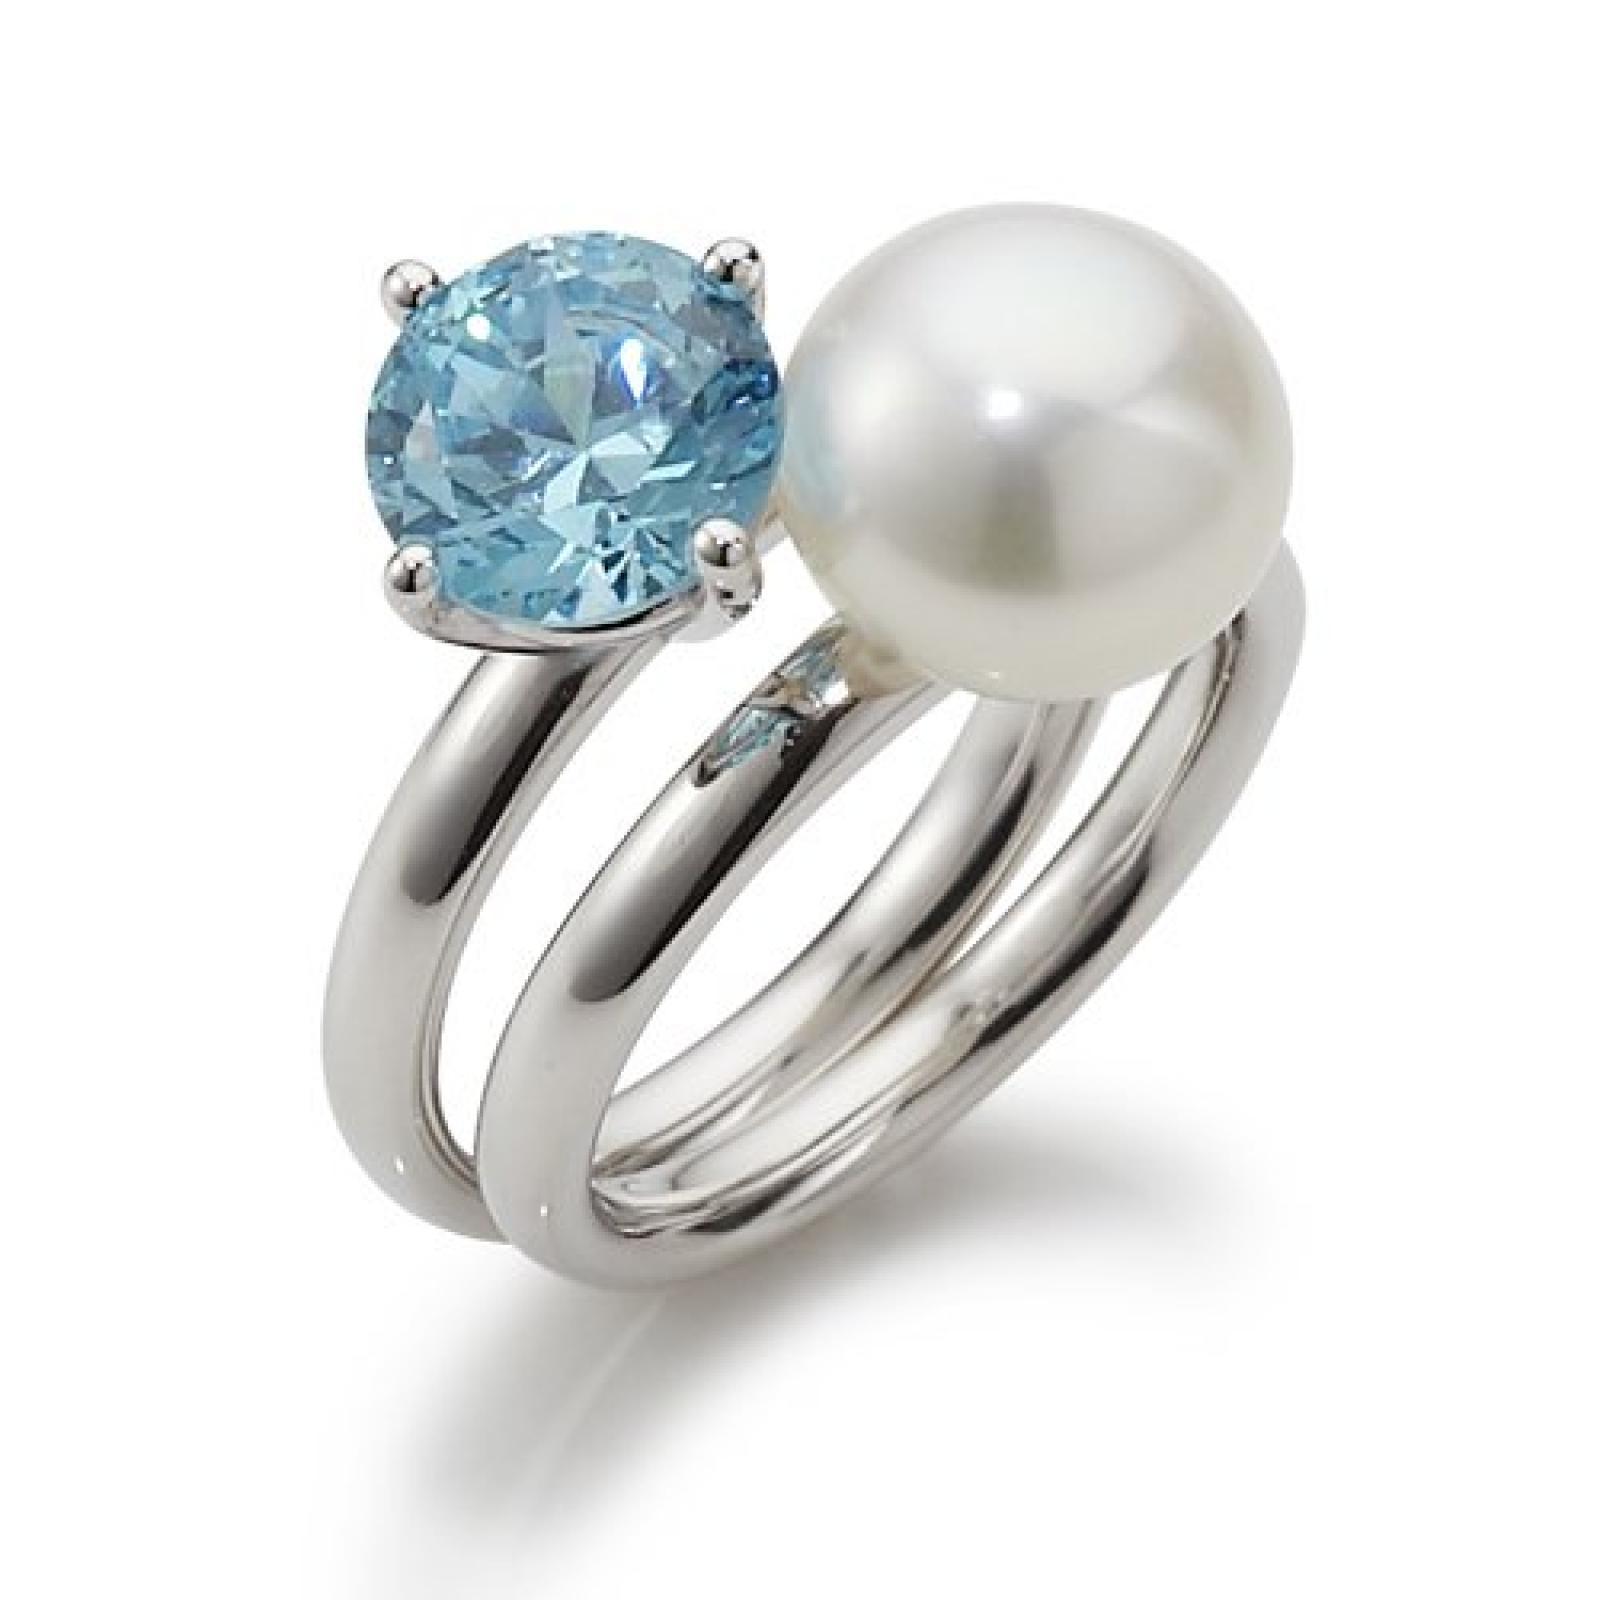 Adriana Damen-Ring Süßwasser Zuchtperlen blue lagoon 925 Sterling-Silber Rainbow RAR-H-Gr.54